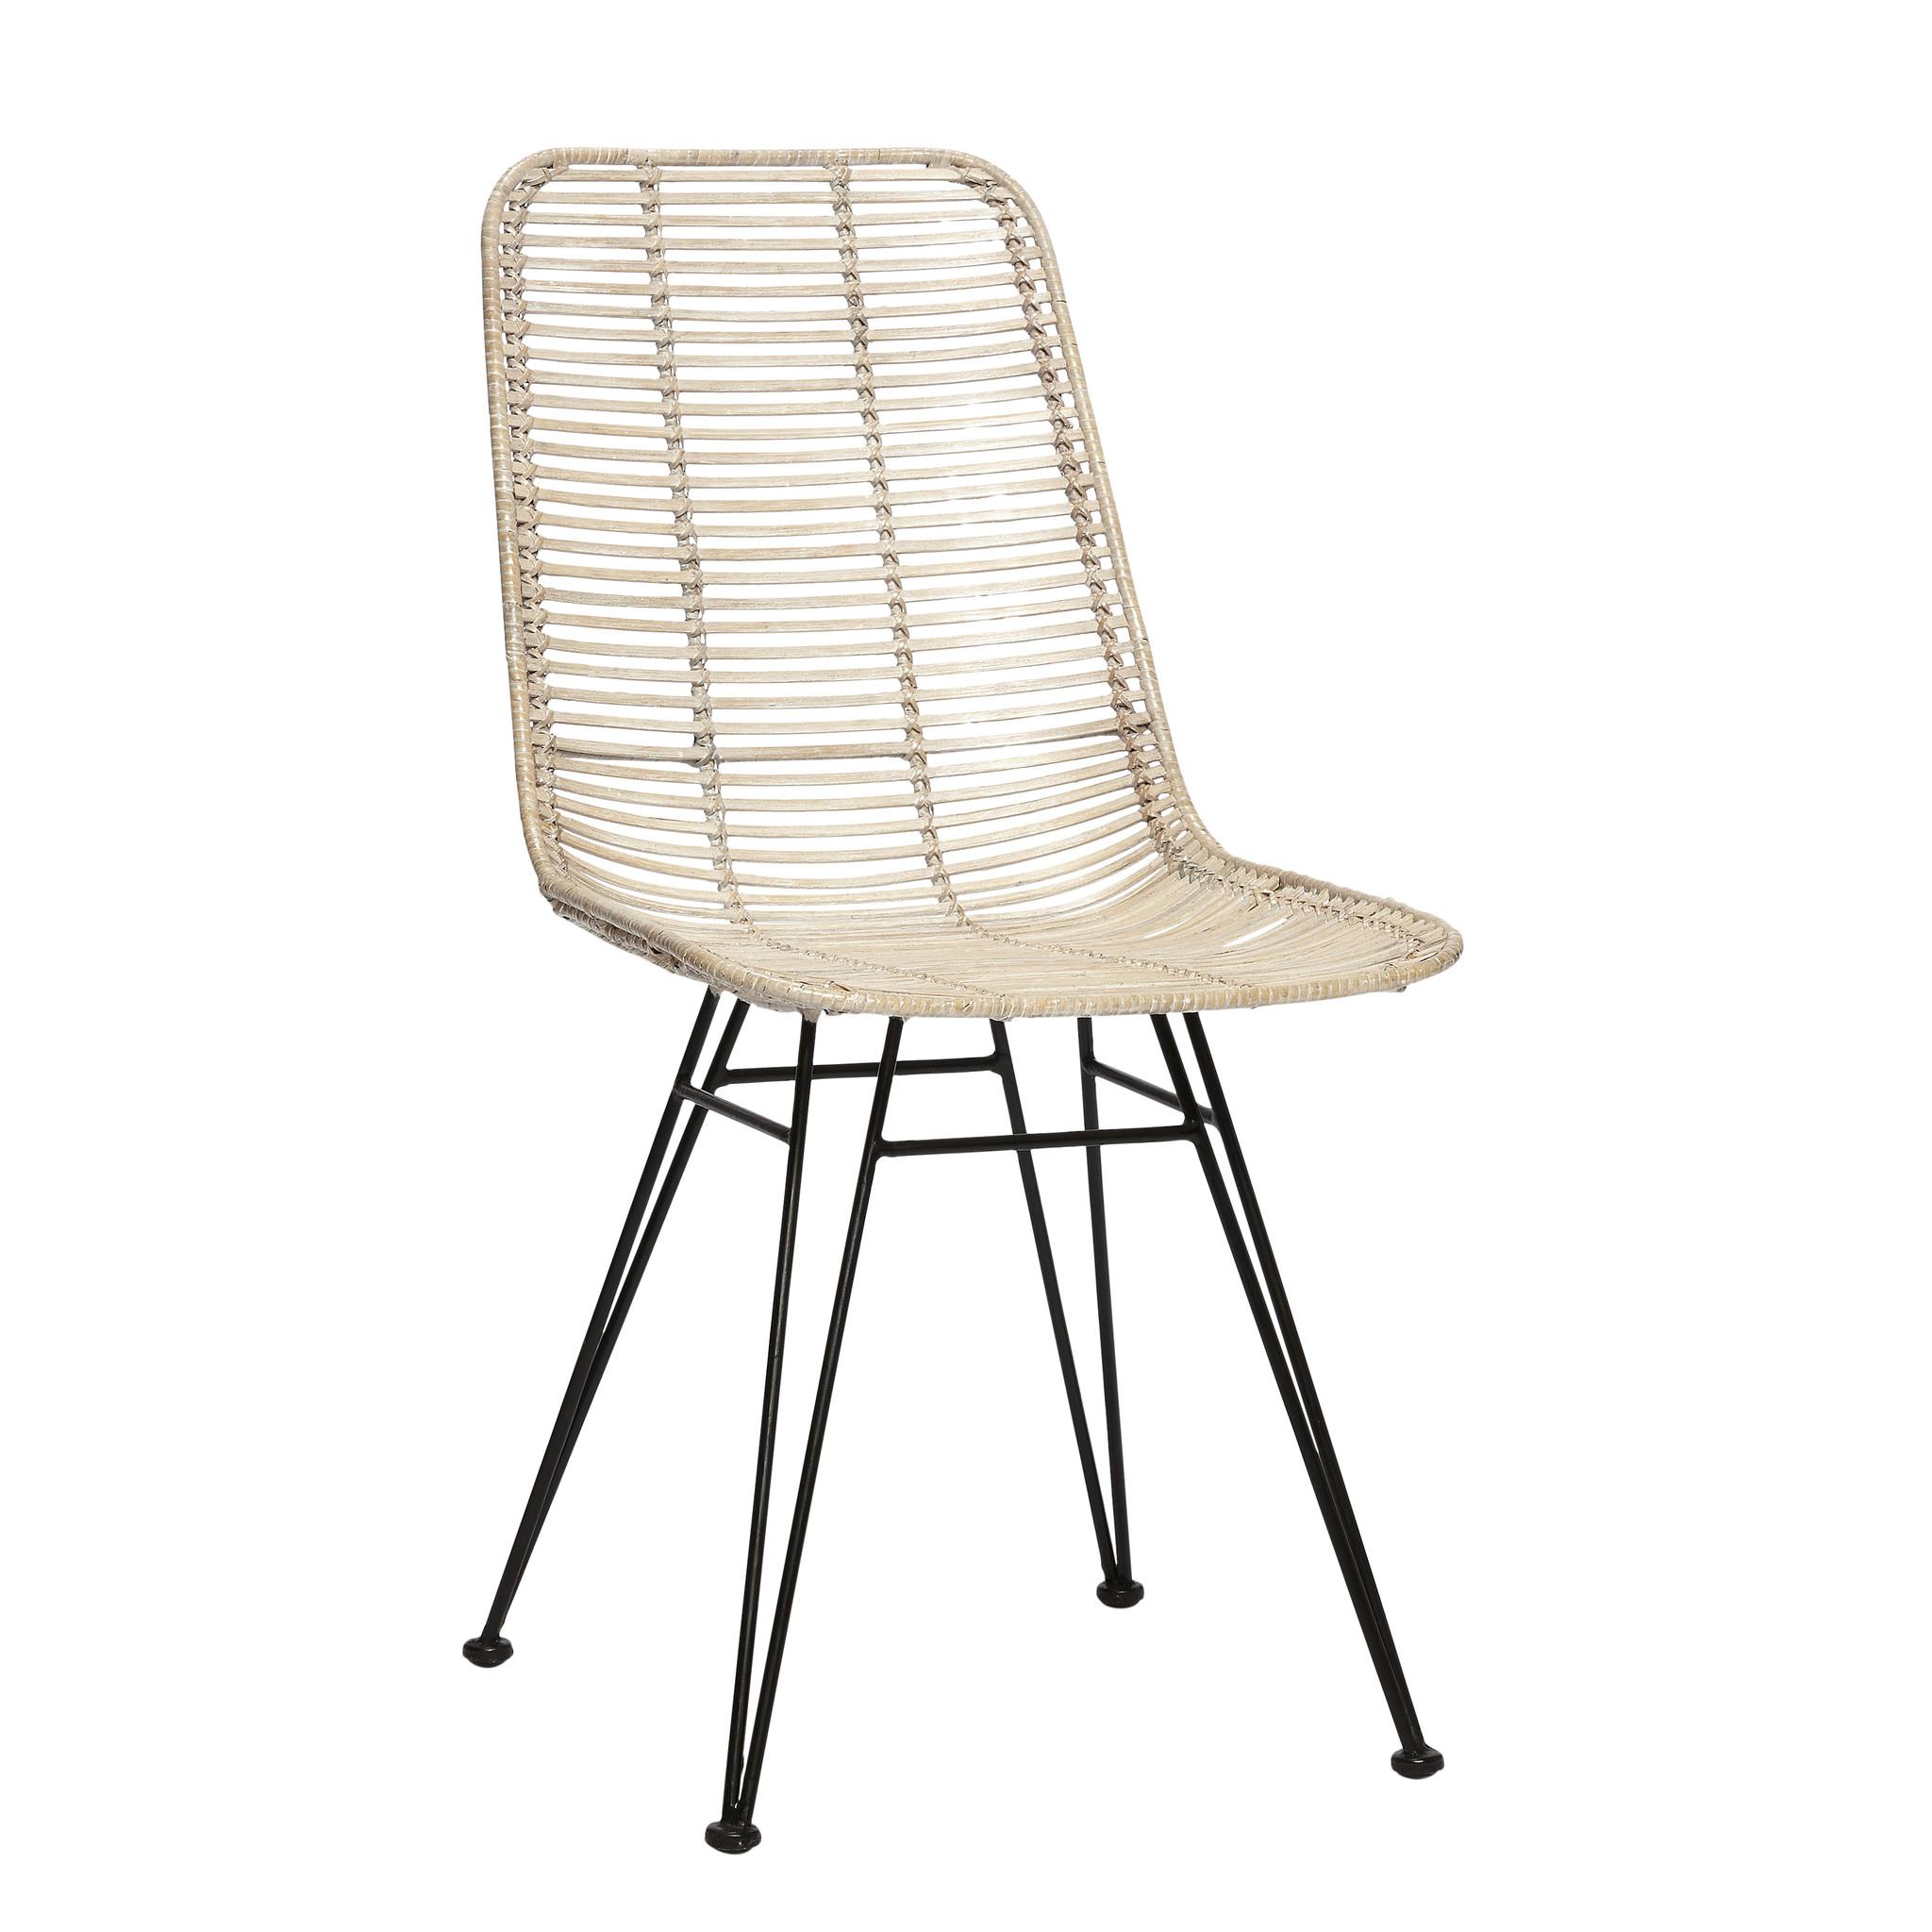 Hubsch Studio stoel, whitewash